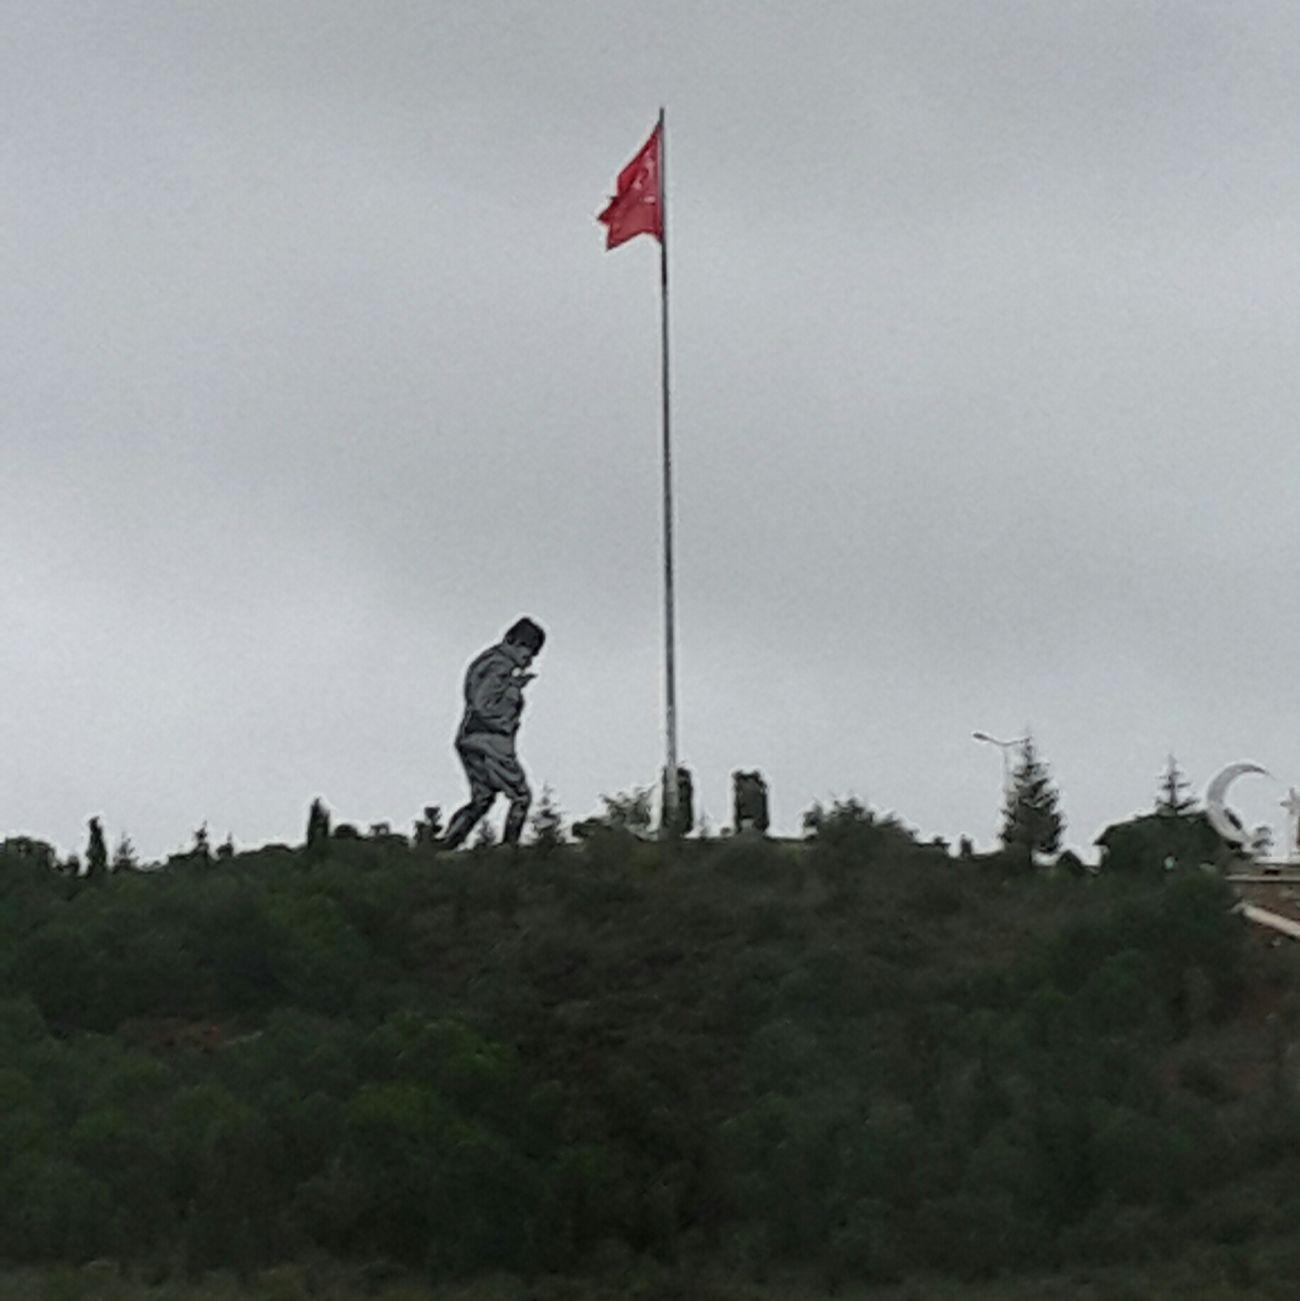 Efendiler, yarın Cumhuriyet ilan edeceğim. 28 Ekim 1923 // Mustafa Kemal Atatürk ...... UluönderimizAtatürkümüz 29EkimCumhuriyetBayramımızKutluOlsun 29th October Republic Day Silhouettes Weneedamiracle